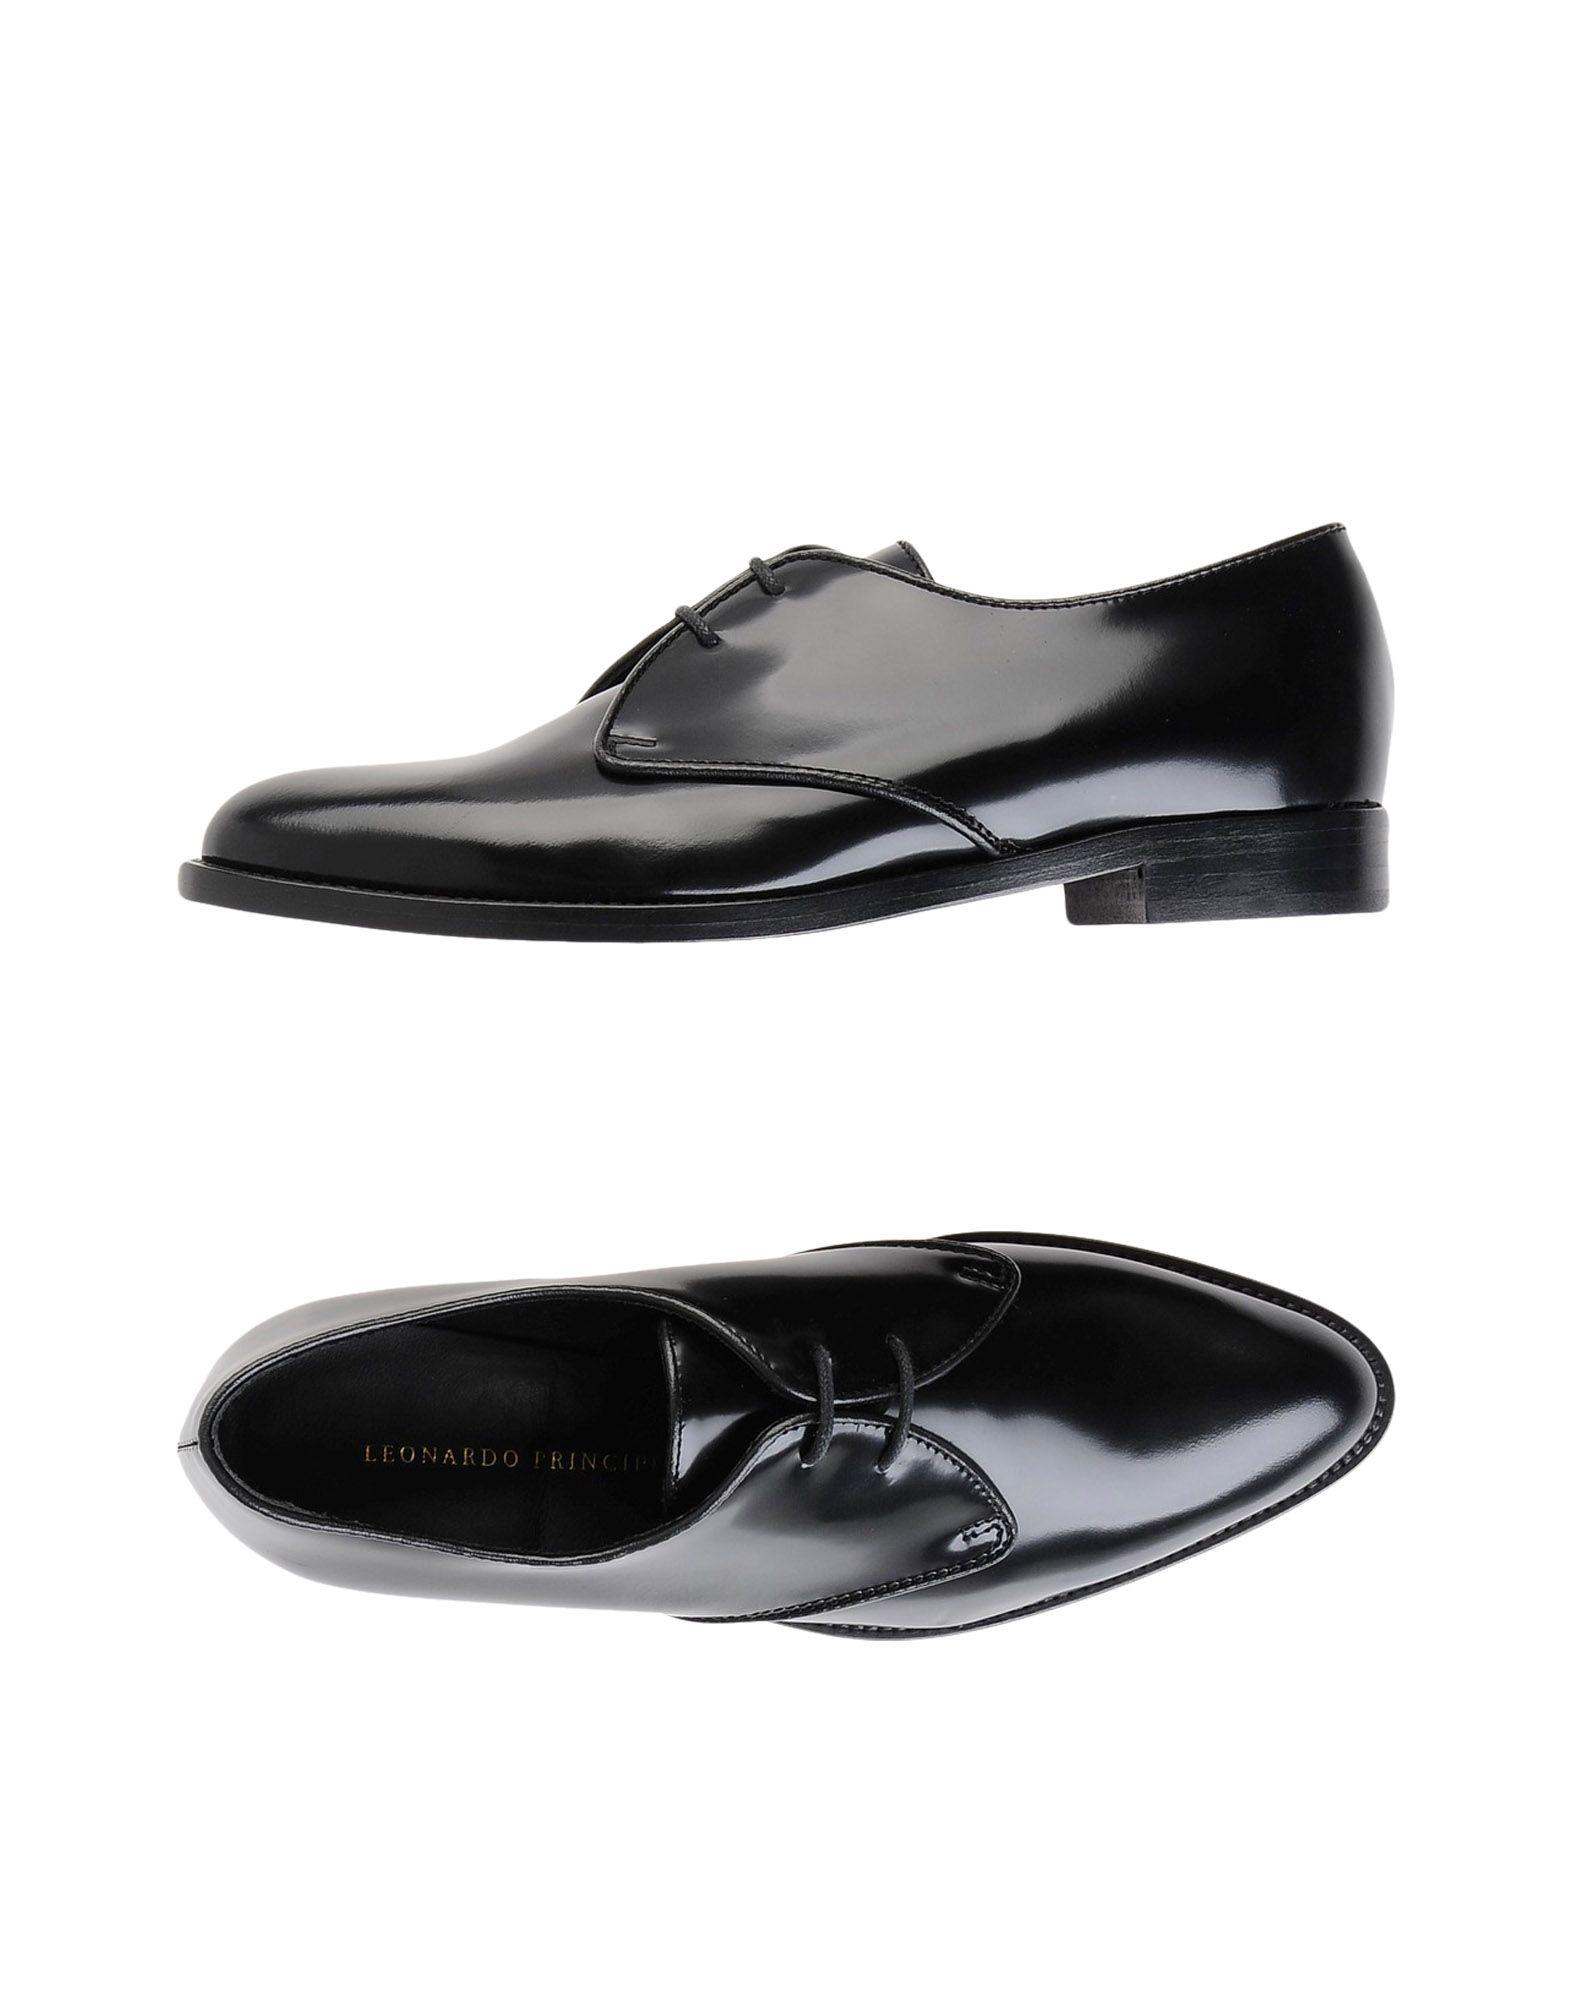 LEONARDO PRINCIPI | LEONARDO PRINCIPI Lace-up shoes | Goxip